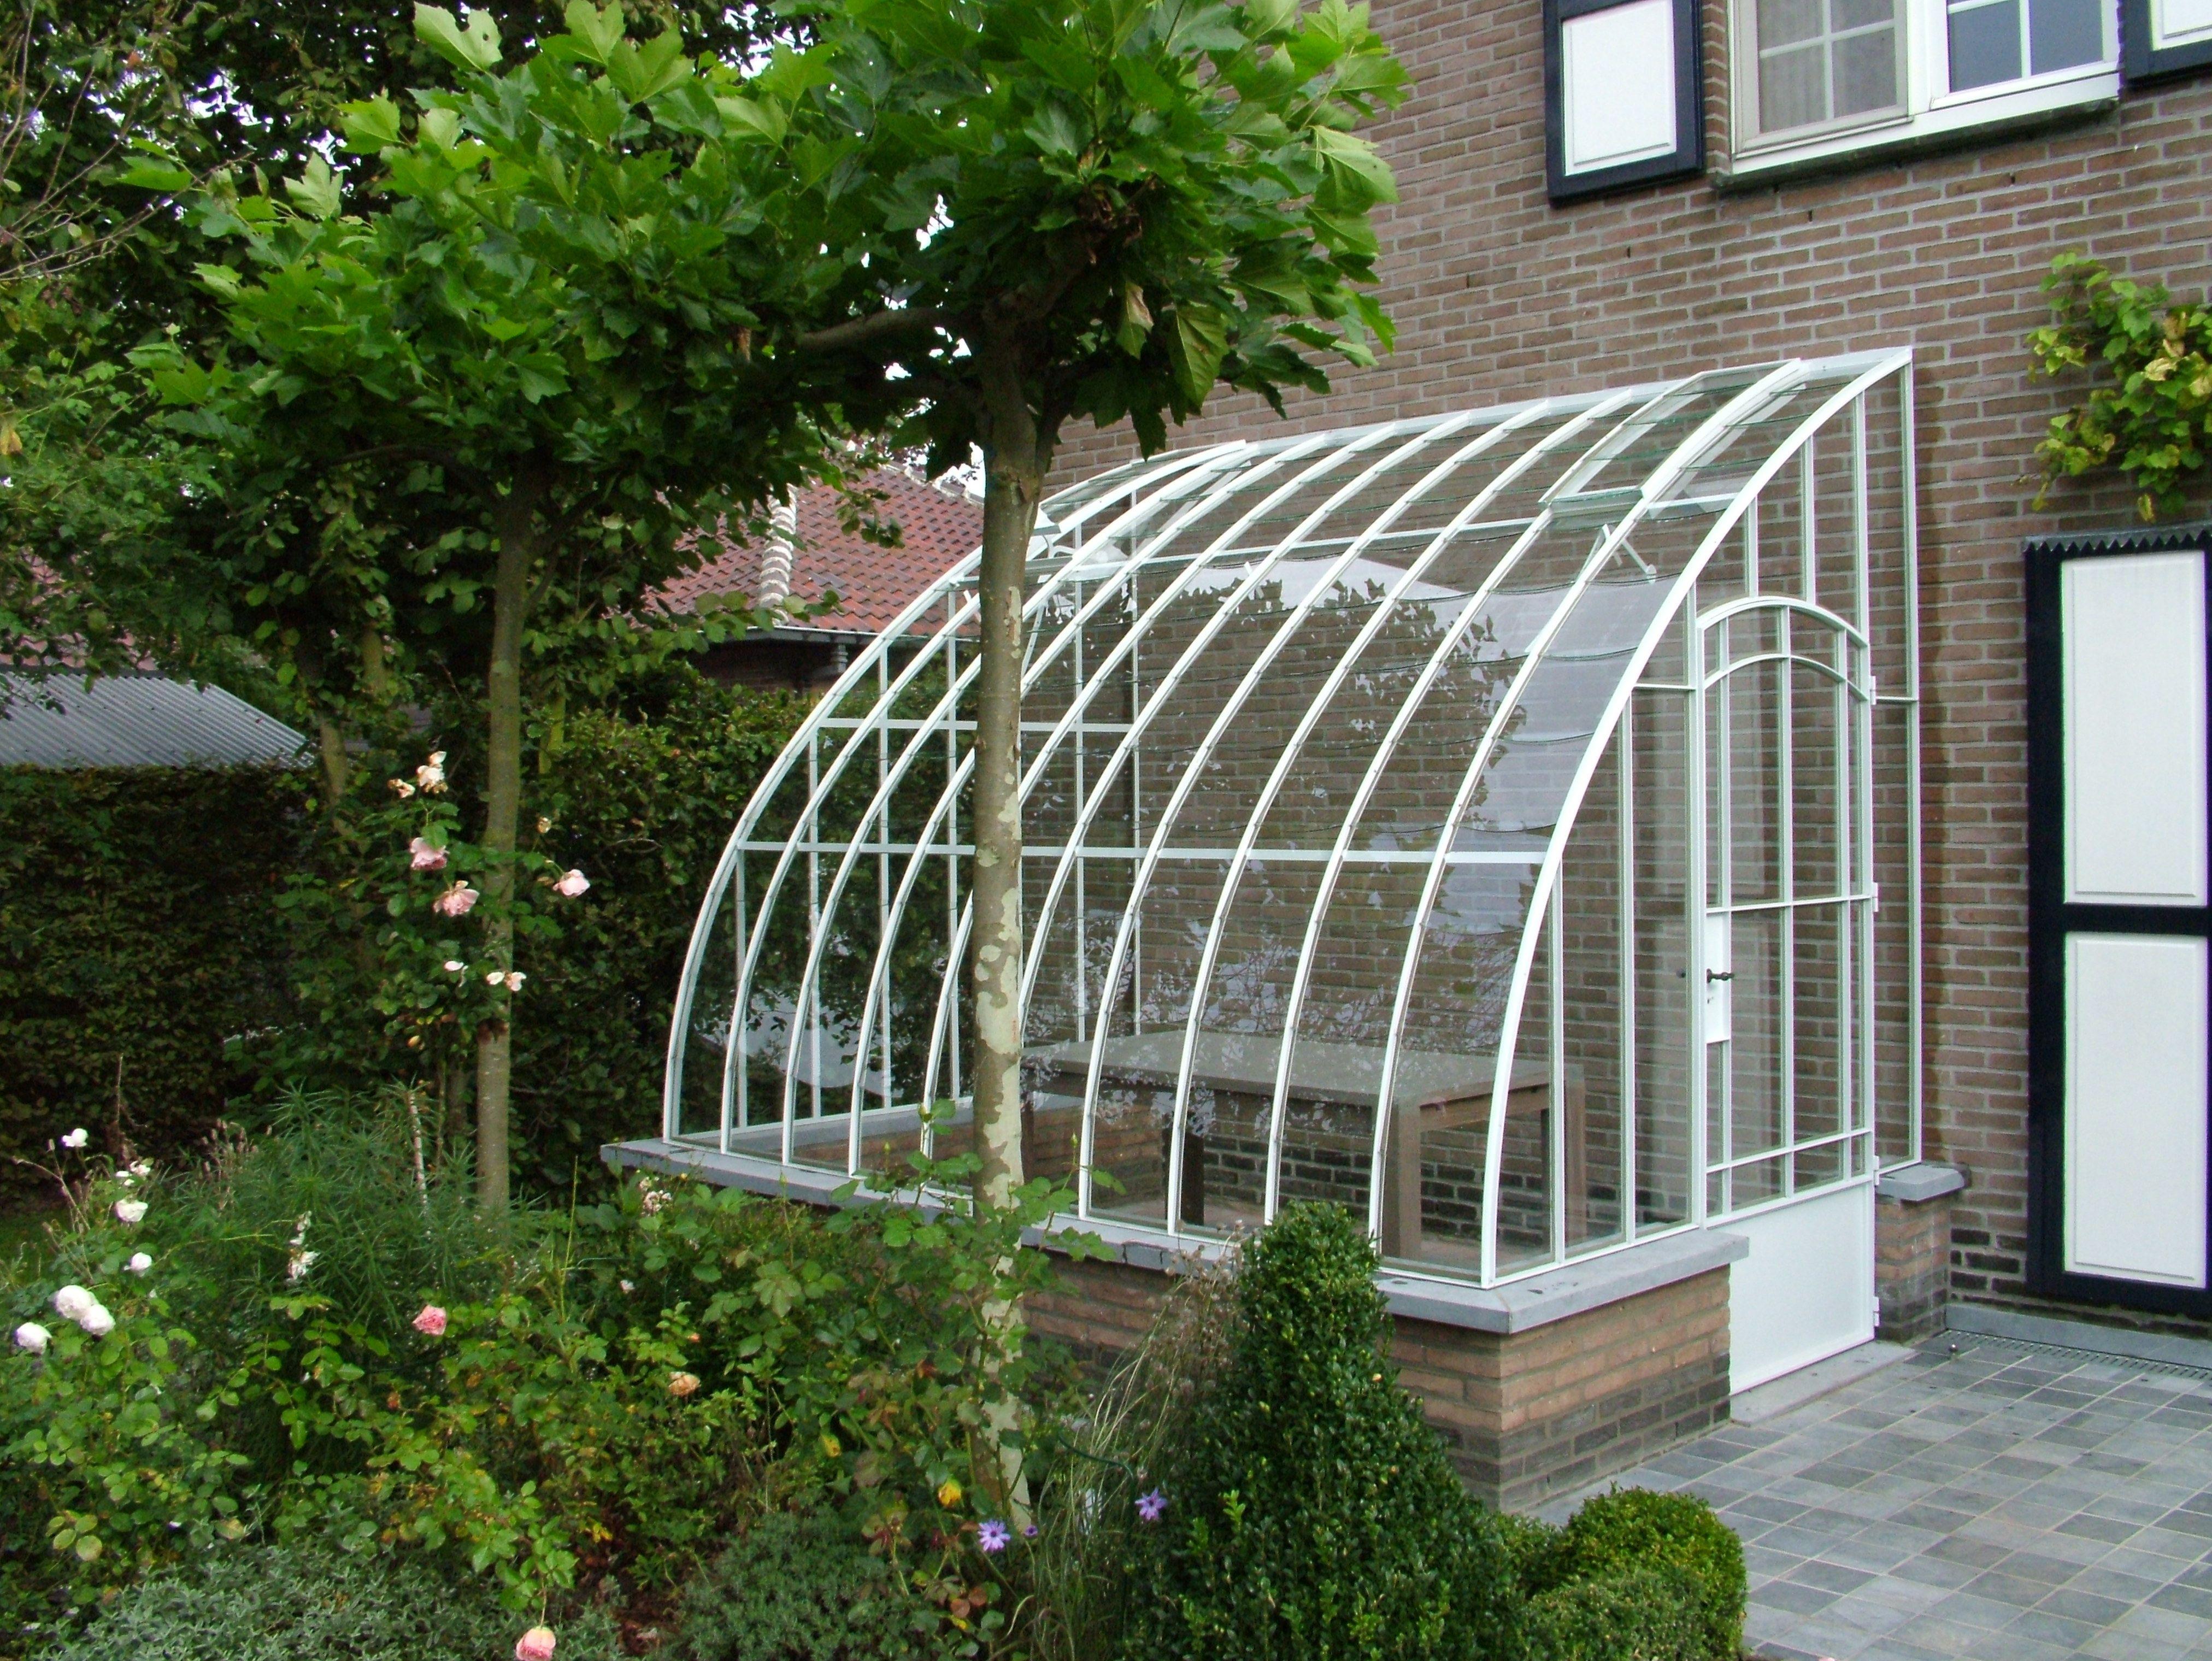 Petite Serre De Jardin A L Ancienne Adossee Avec Porte Cintree Et Toiture Arrondie Serre Jardin Petite Serre De Jardin Amenagement Jardin